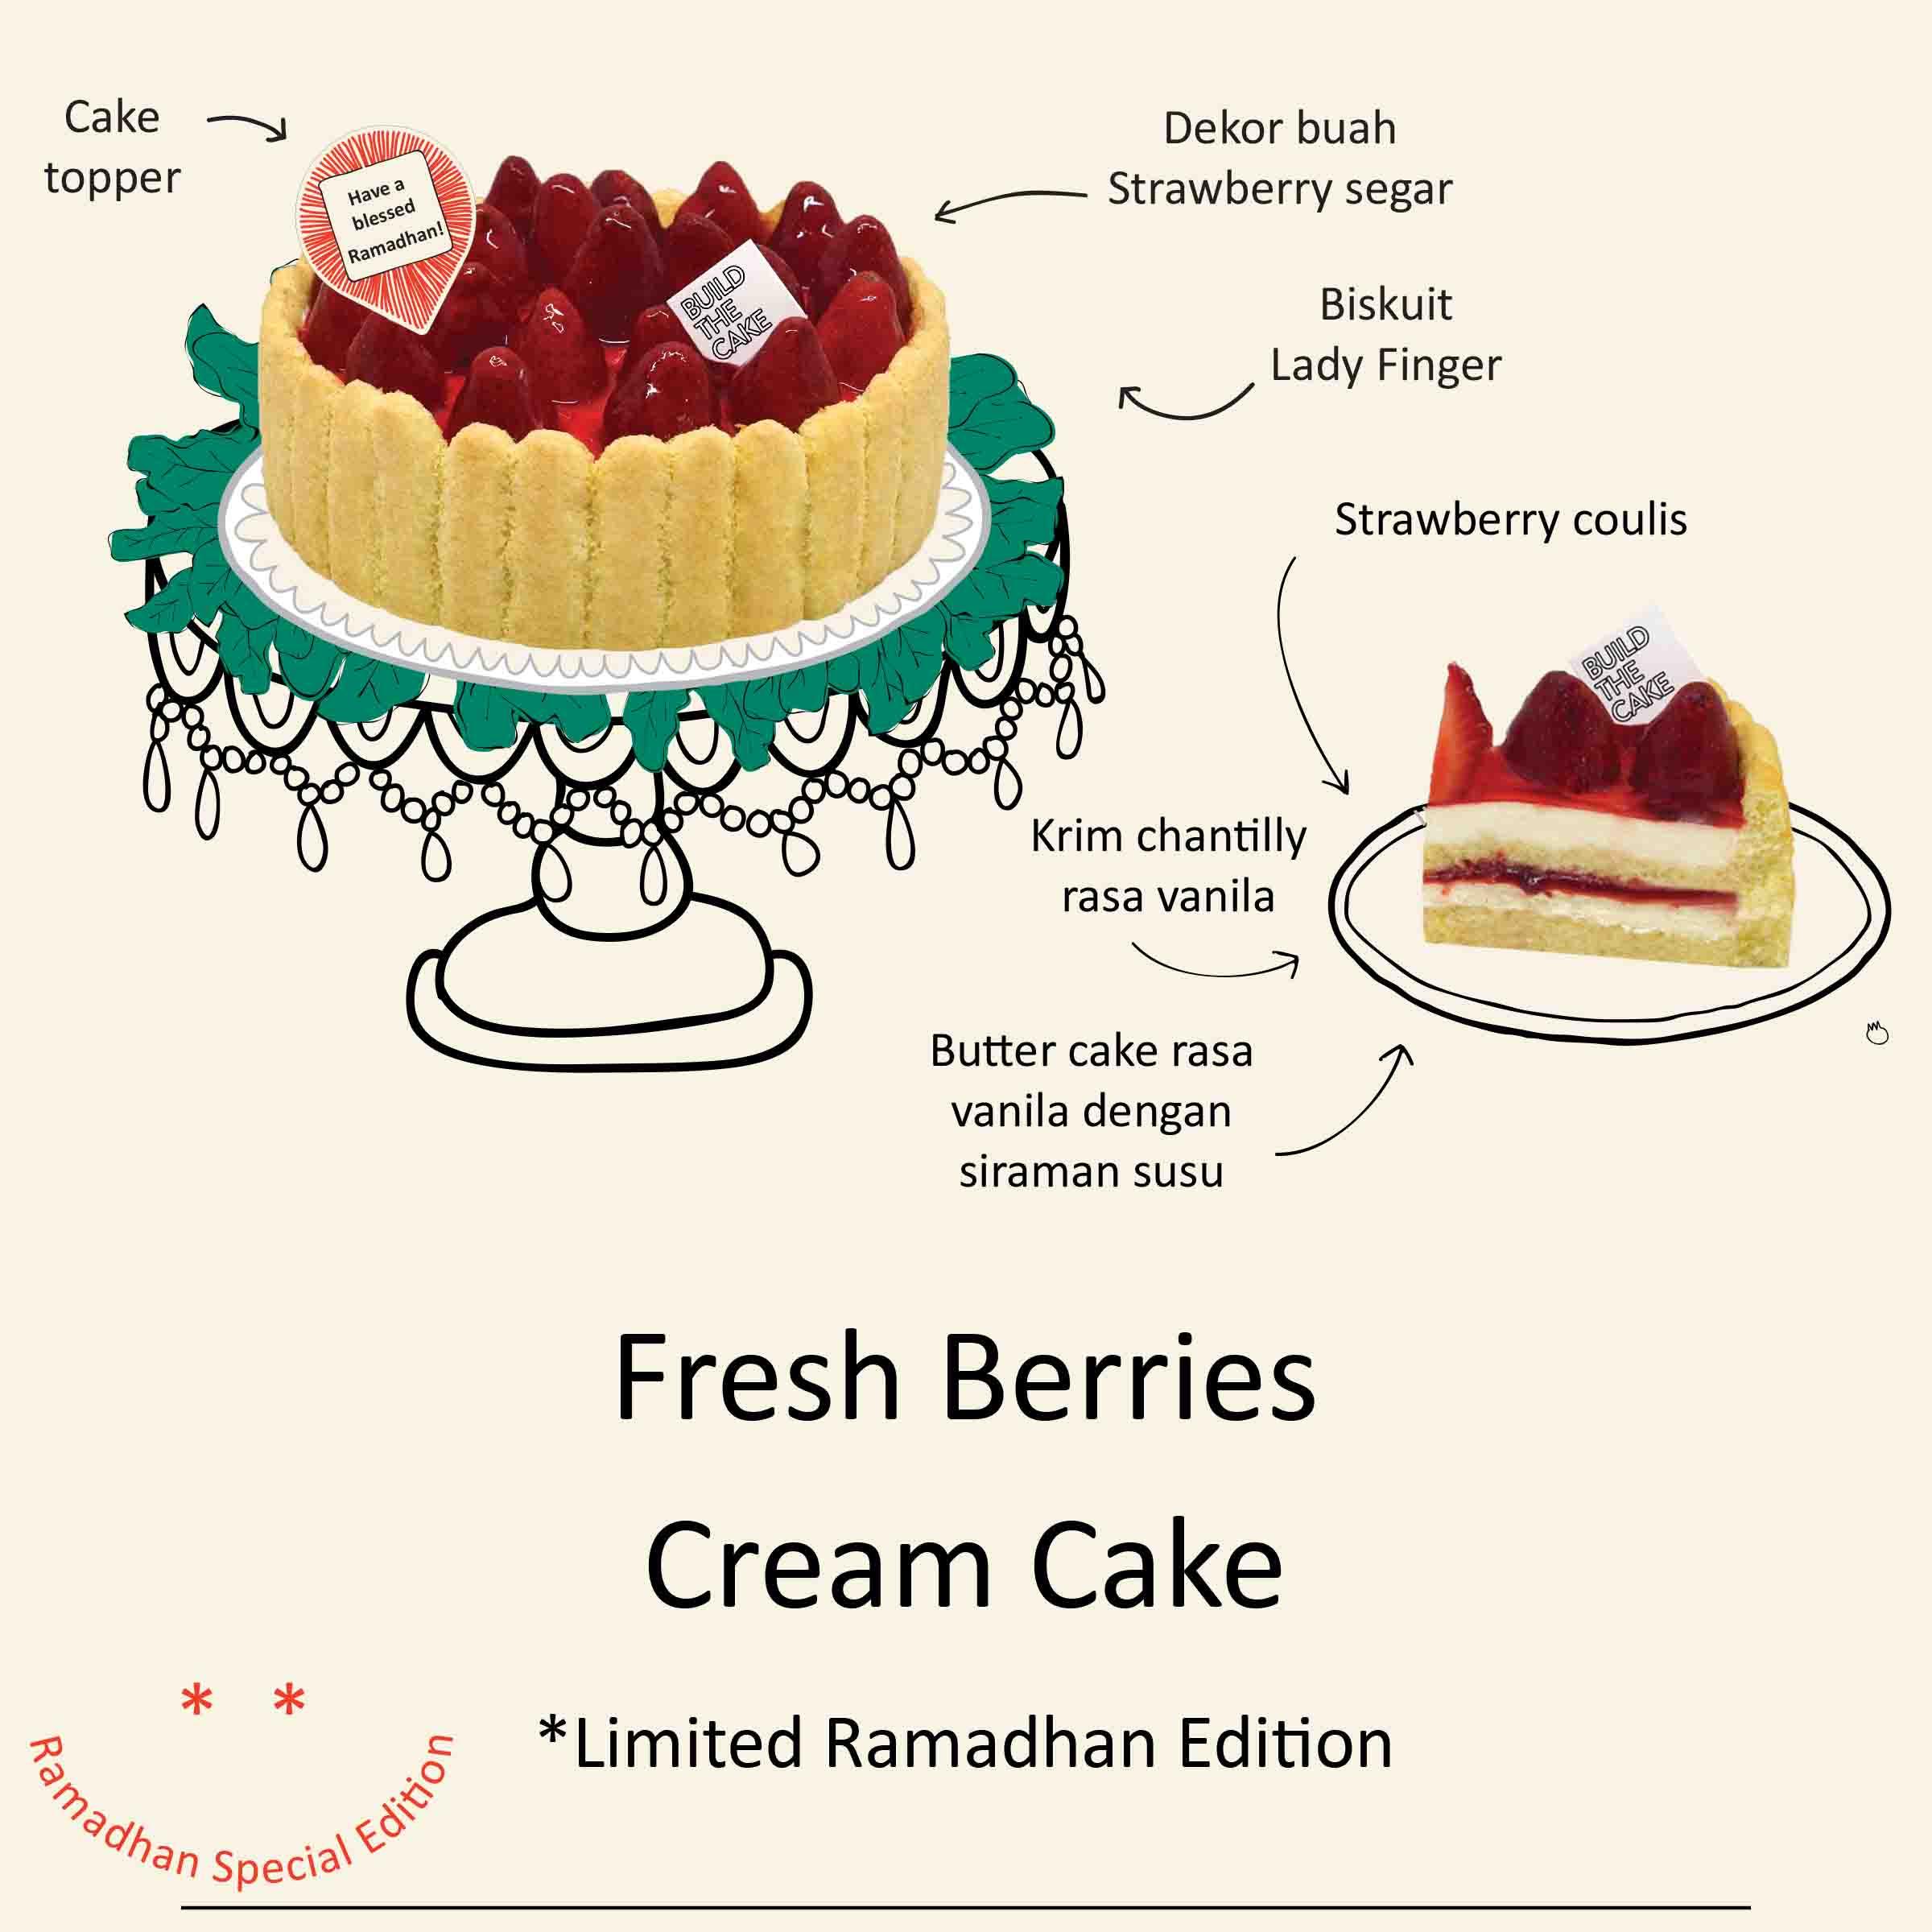 Fresh Berries Cream Cake